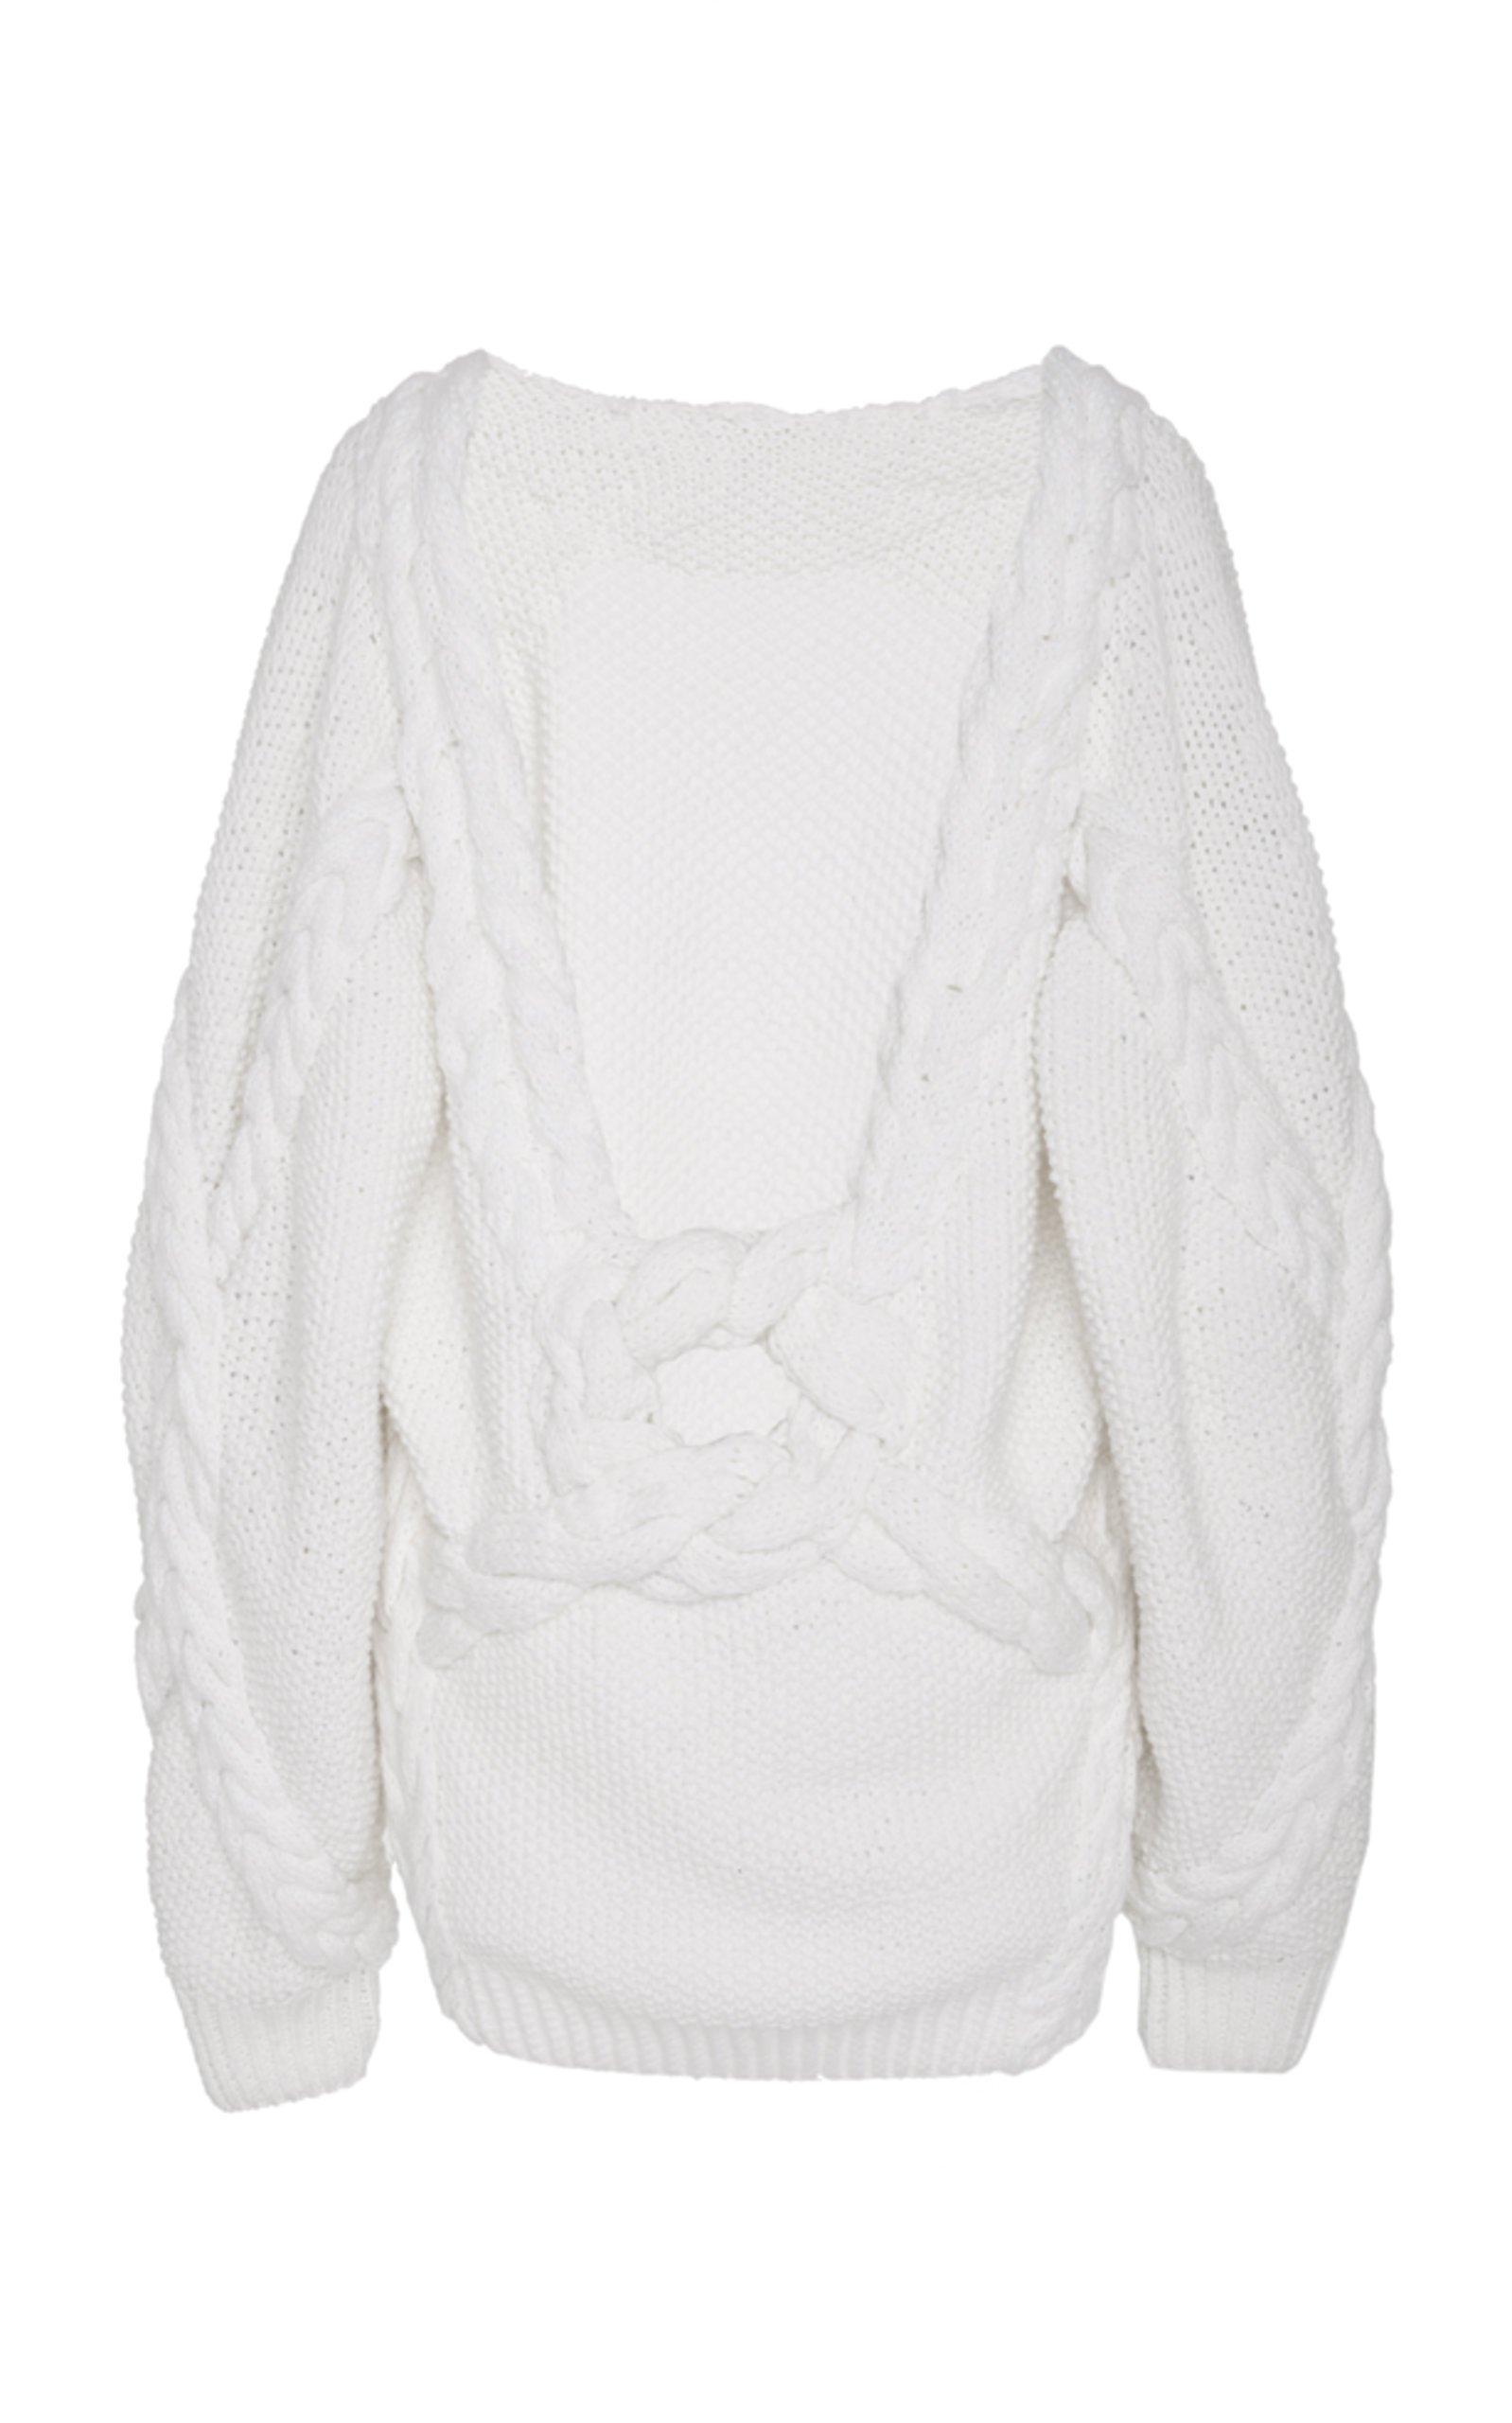 Low Back Cable-Knit Wool Sweater by Oscar de la Renta | Moda Operandi